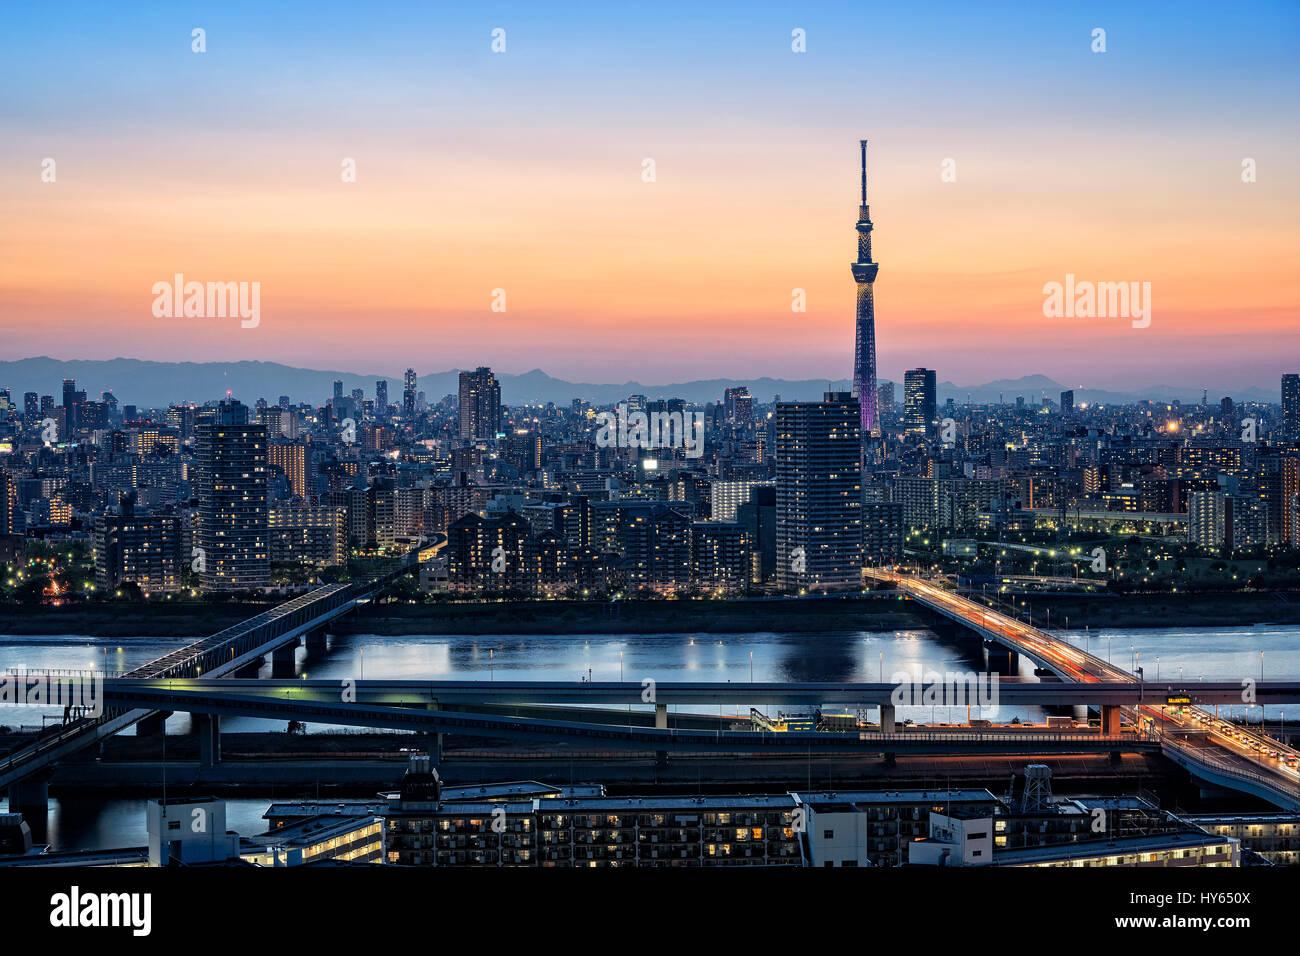 La isla de Japón, Honshu, Kanto, Tokio, la puesta de sol sobre la ciudad. Imagen De Stock